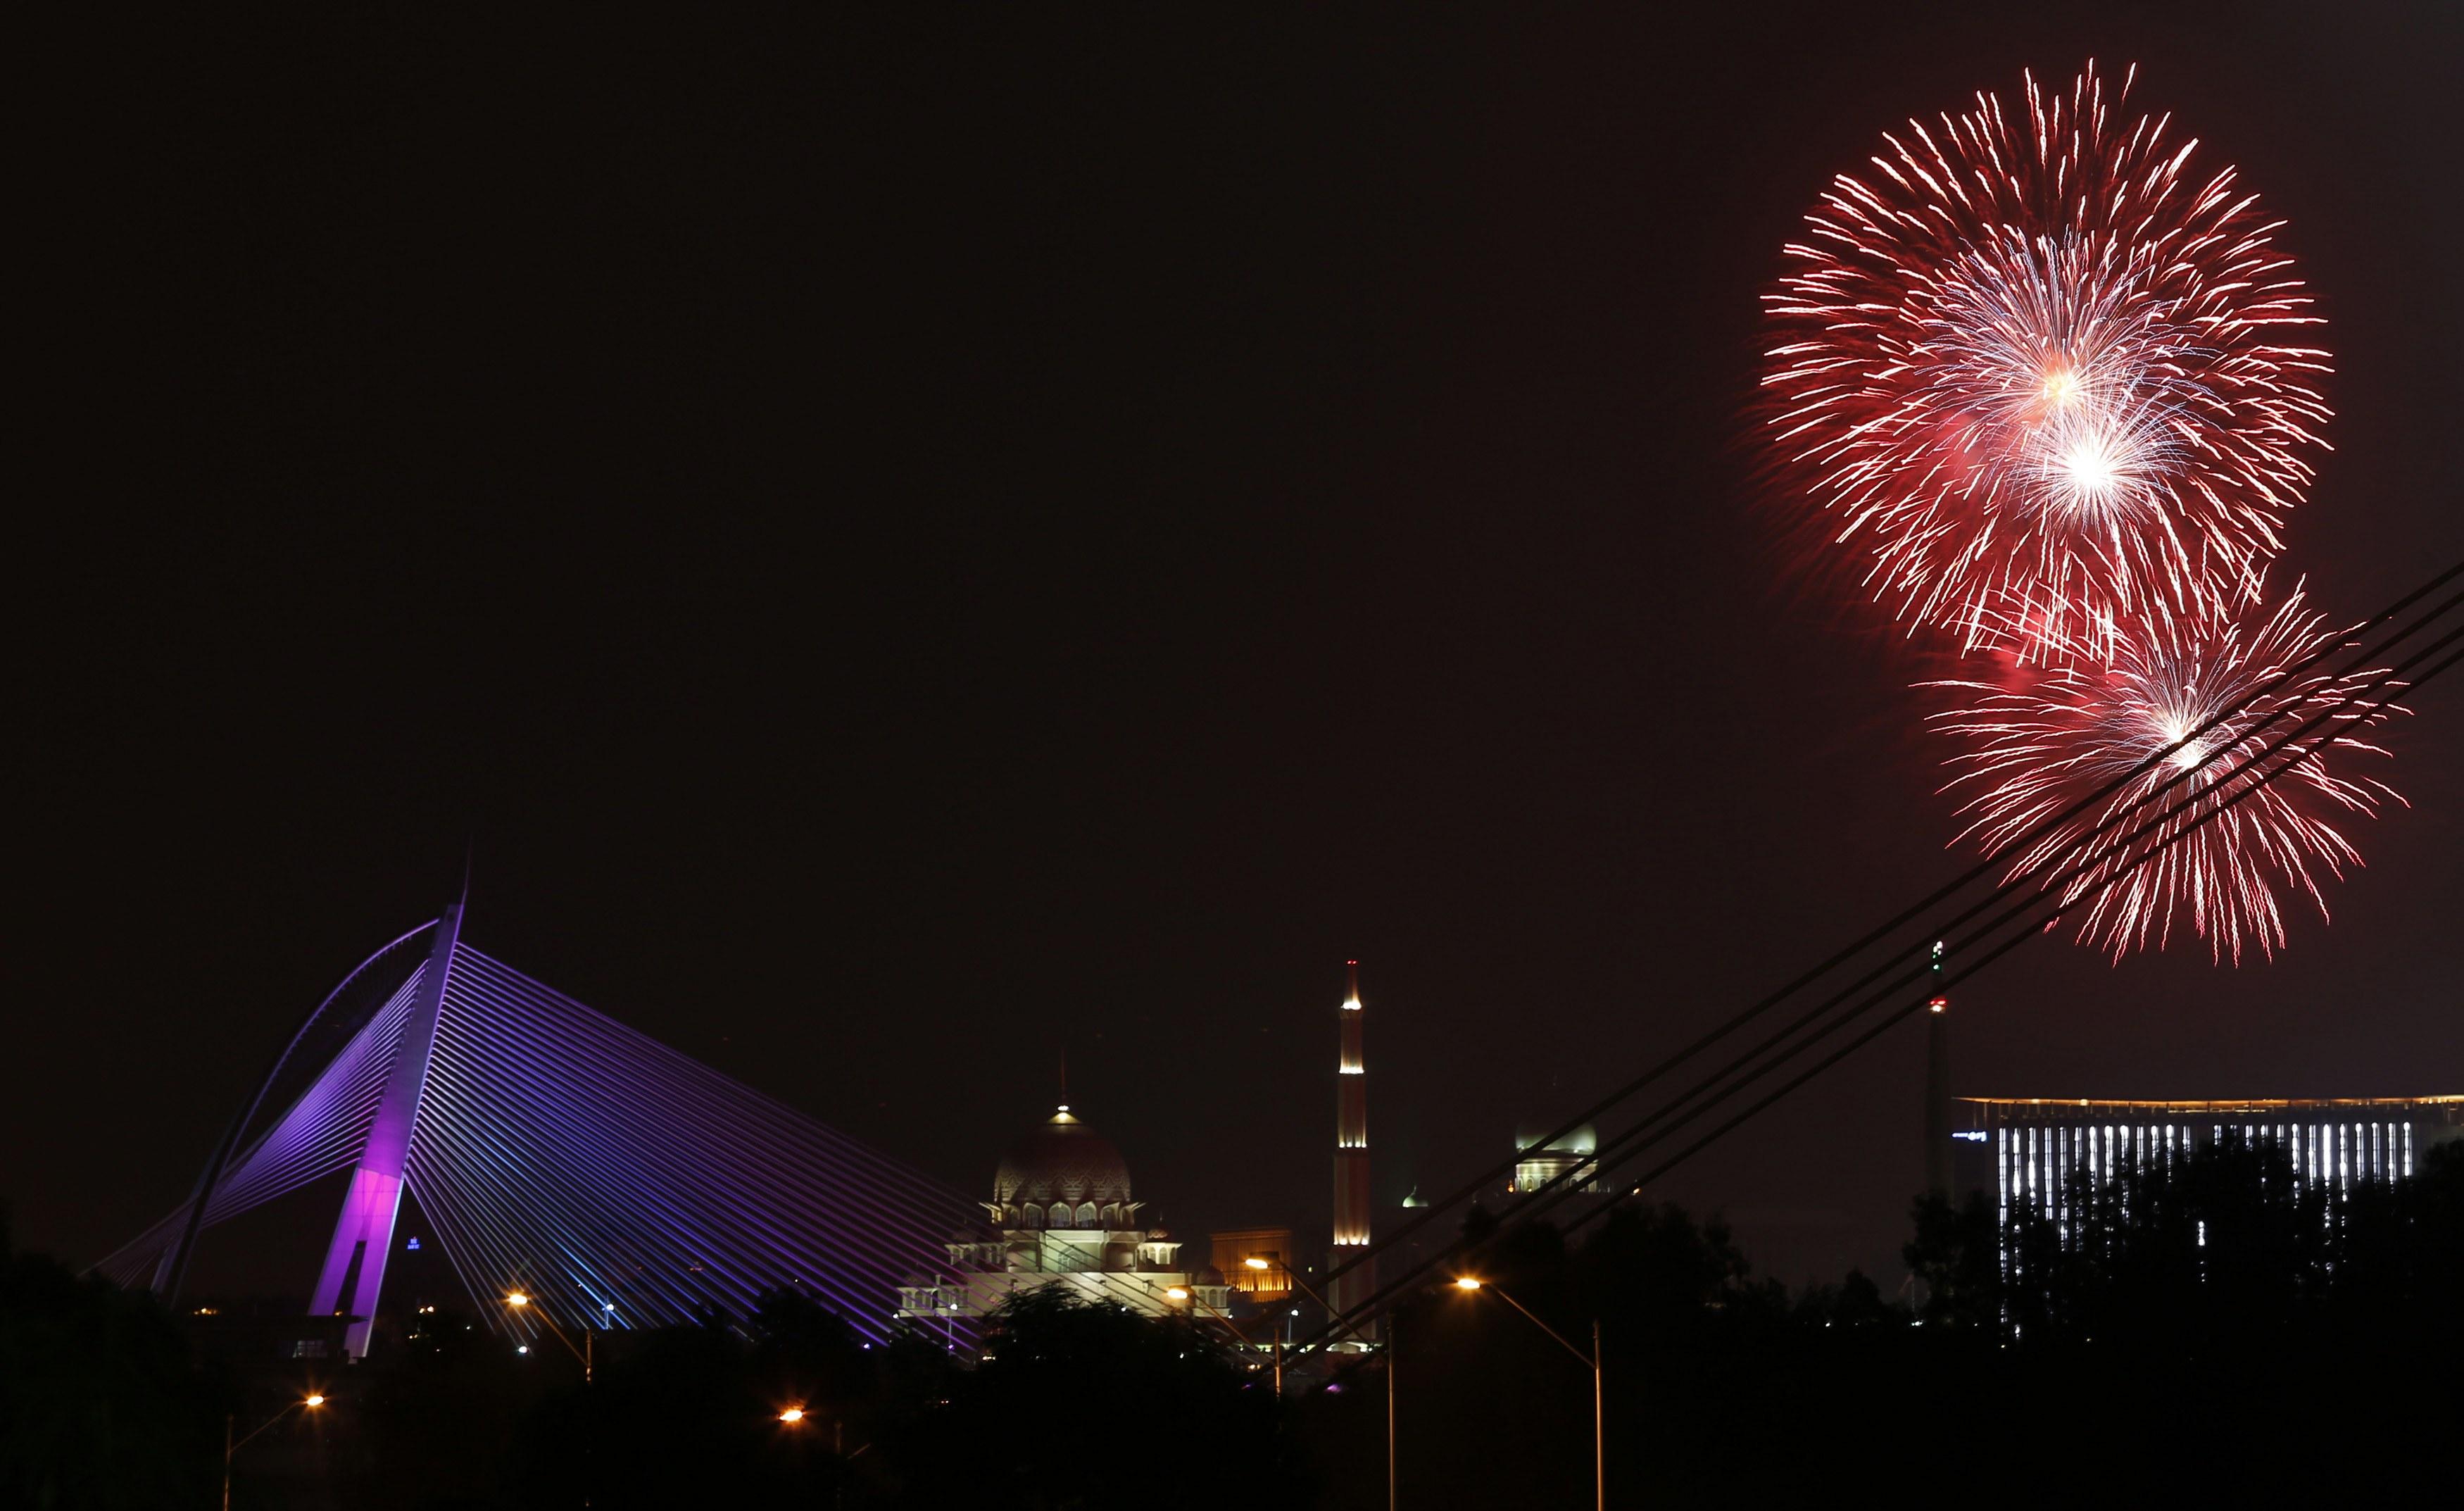 Fogo-de-artifício na passagem de ano em Putrajava, capital da Malásia